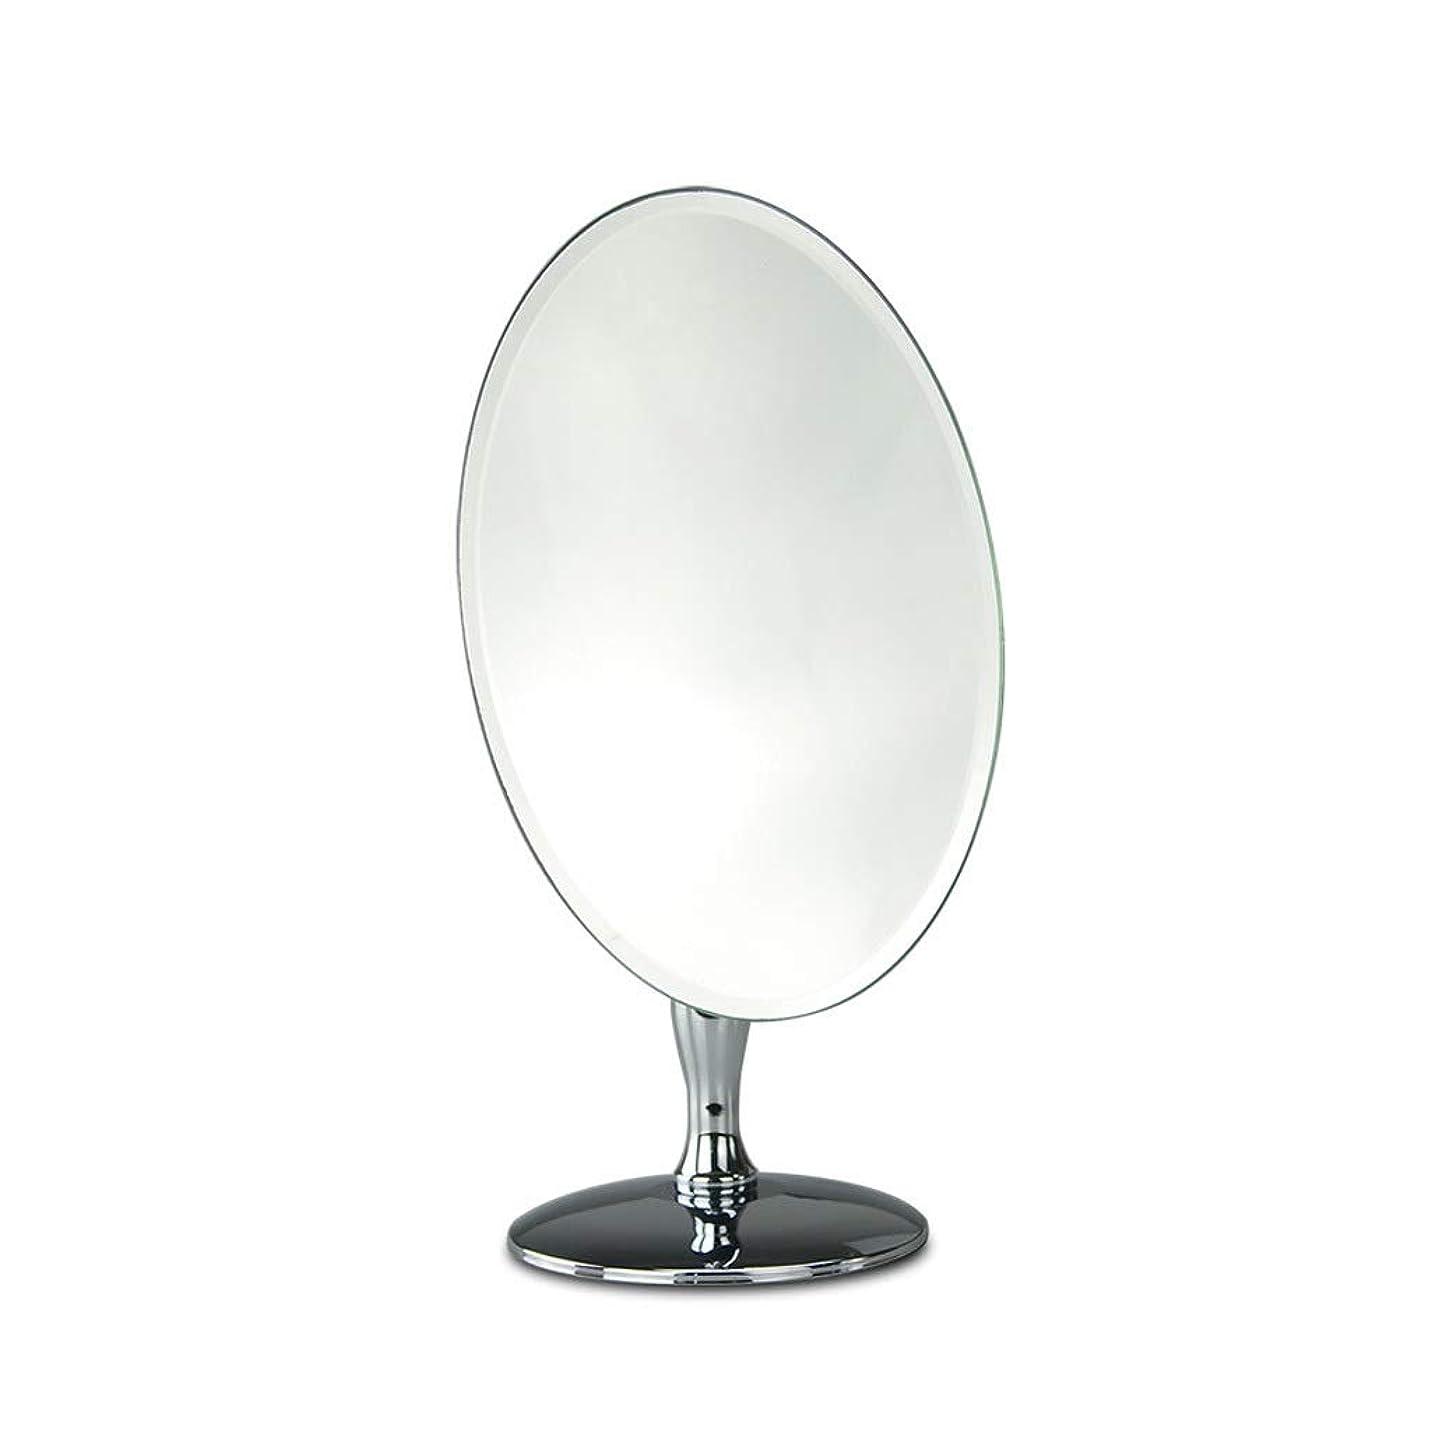 喜んで弱いボルトMiaoliangliang オーバル化粧化粧鏡エレガントなフレームレスデザインの寝室のテーブルまたはバスルームのカウンタートップ、ギフト用のガールフレンド155X290mm